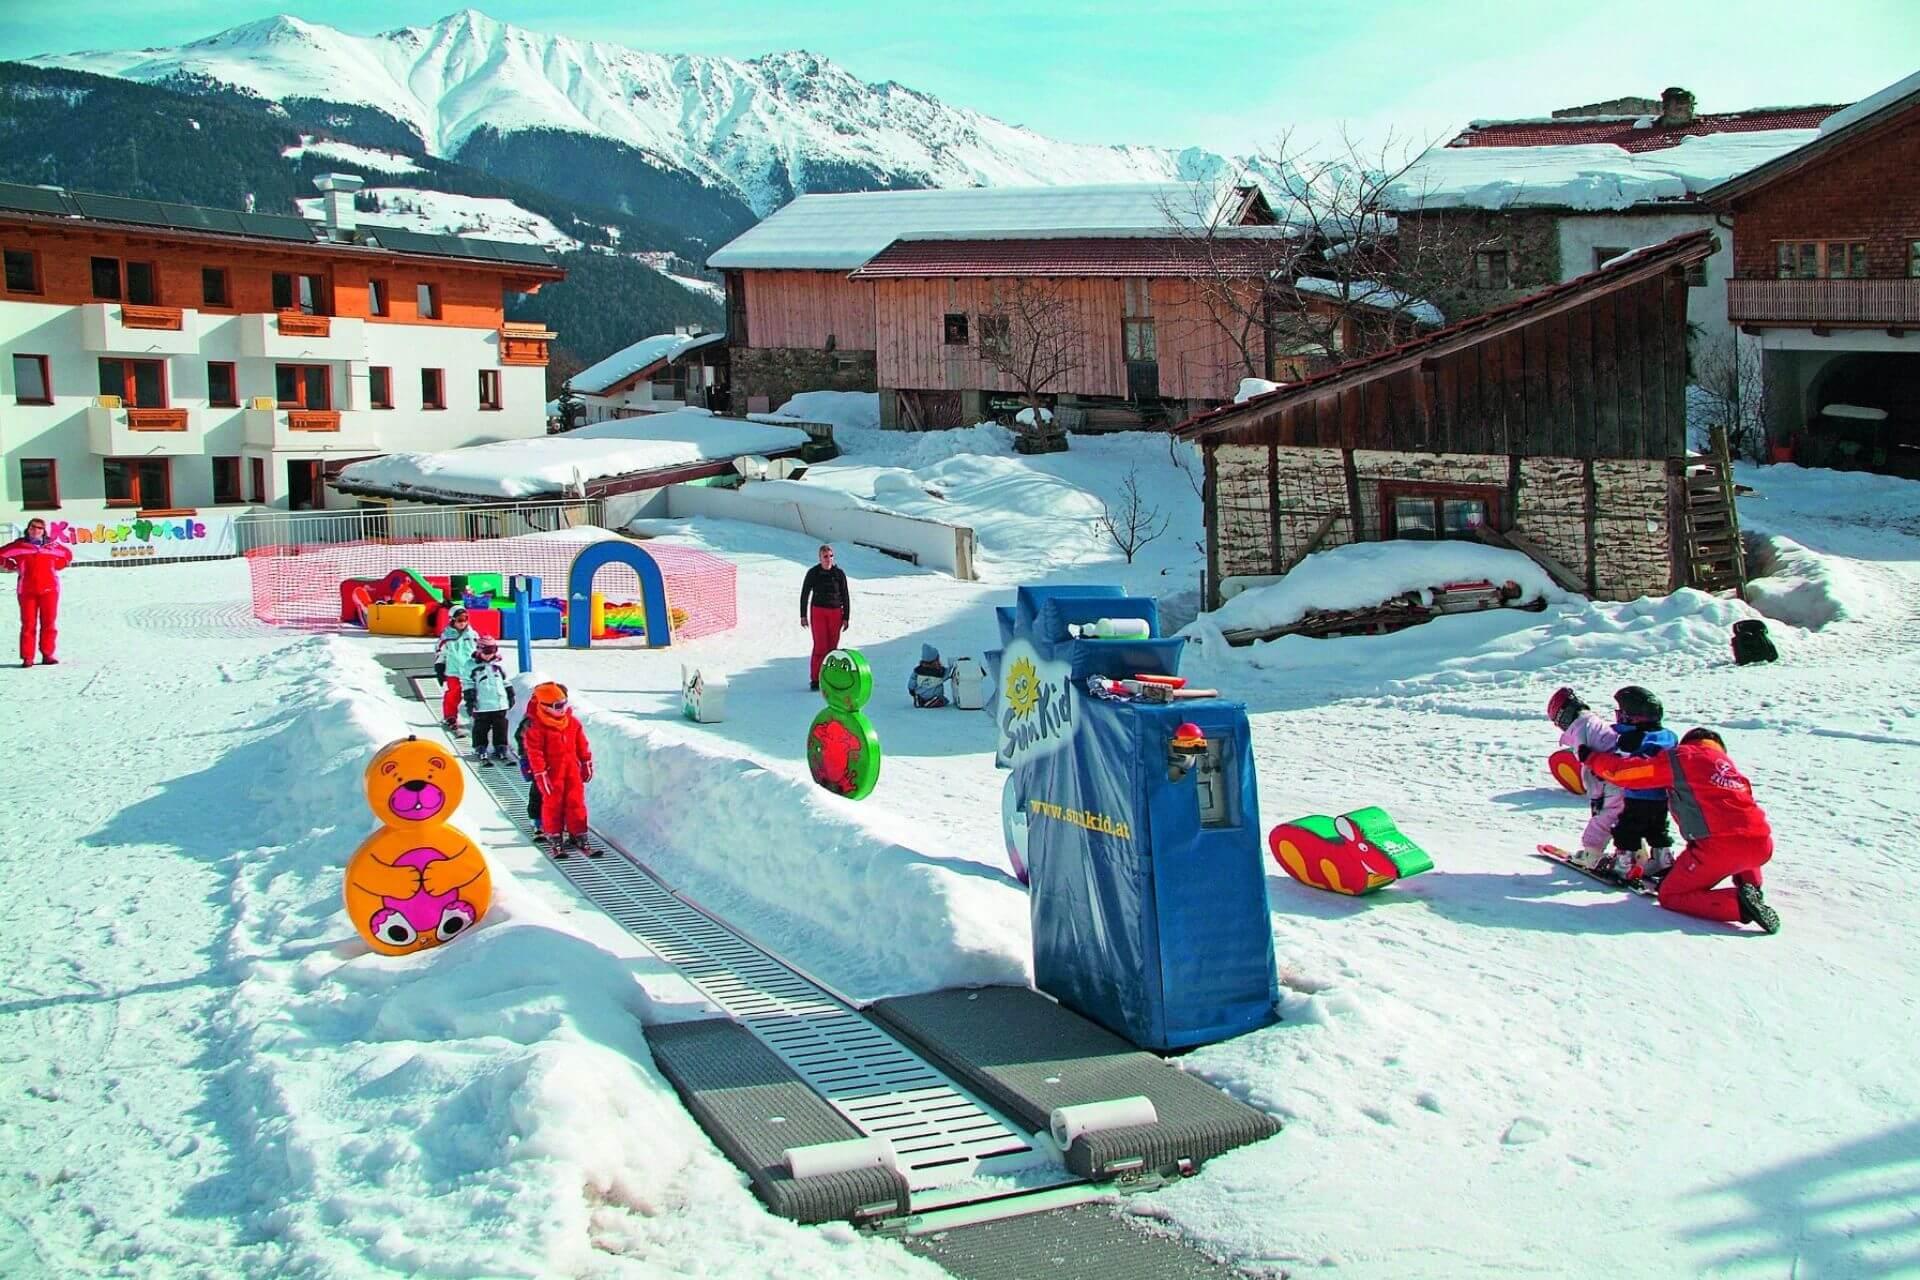 bezpieczenstwo na nartach dzieci